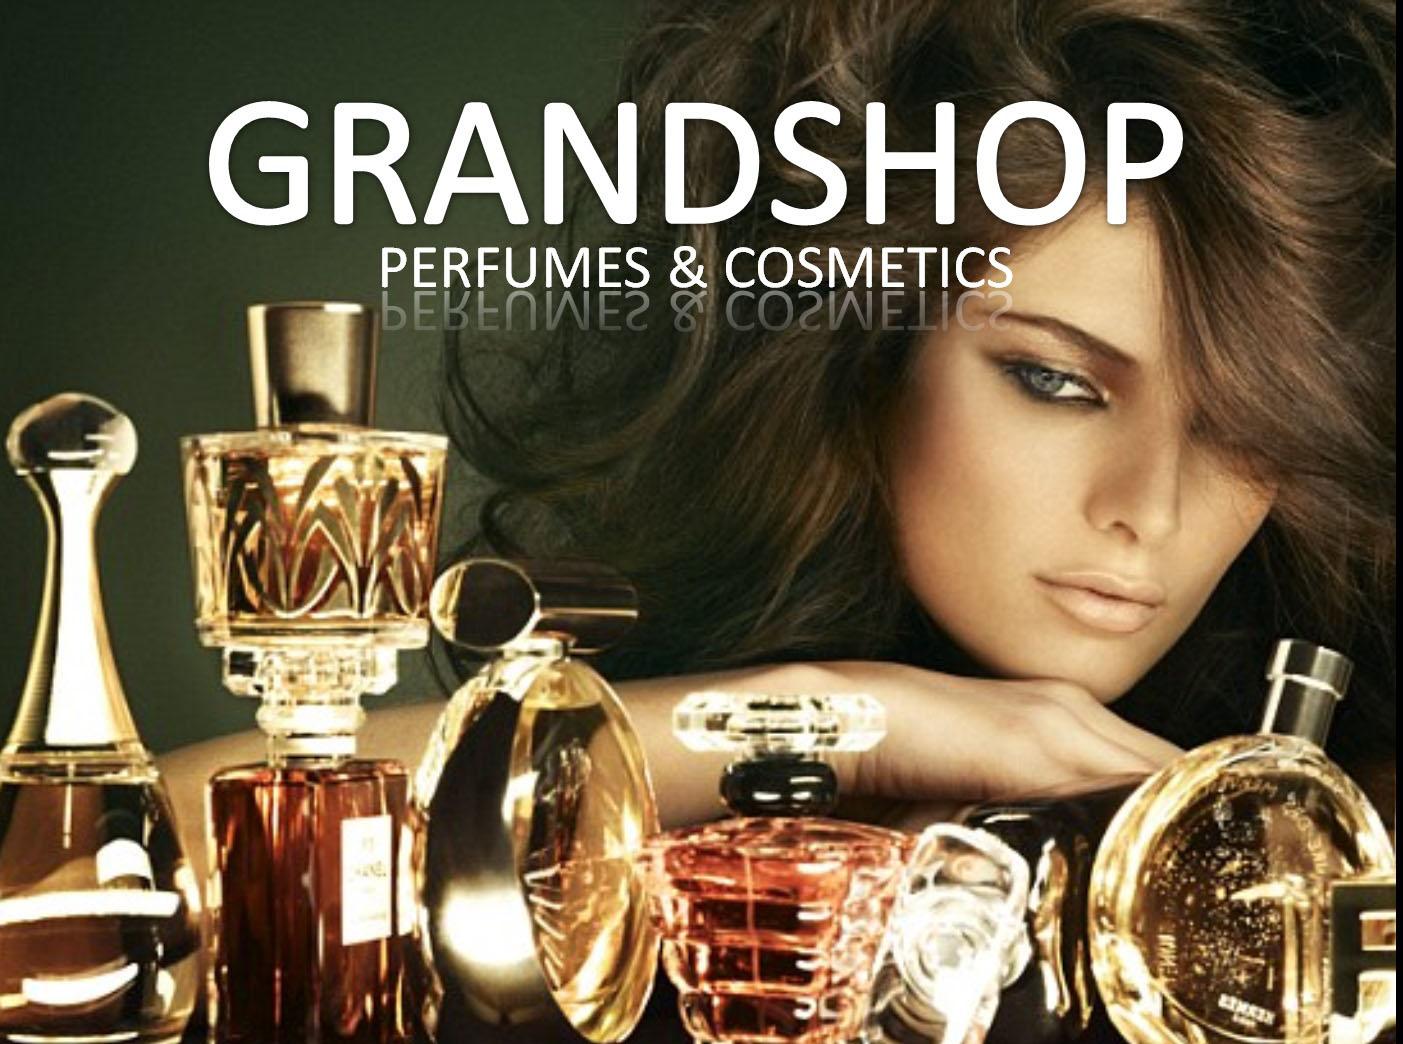 Grand shop 1